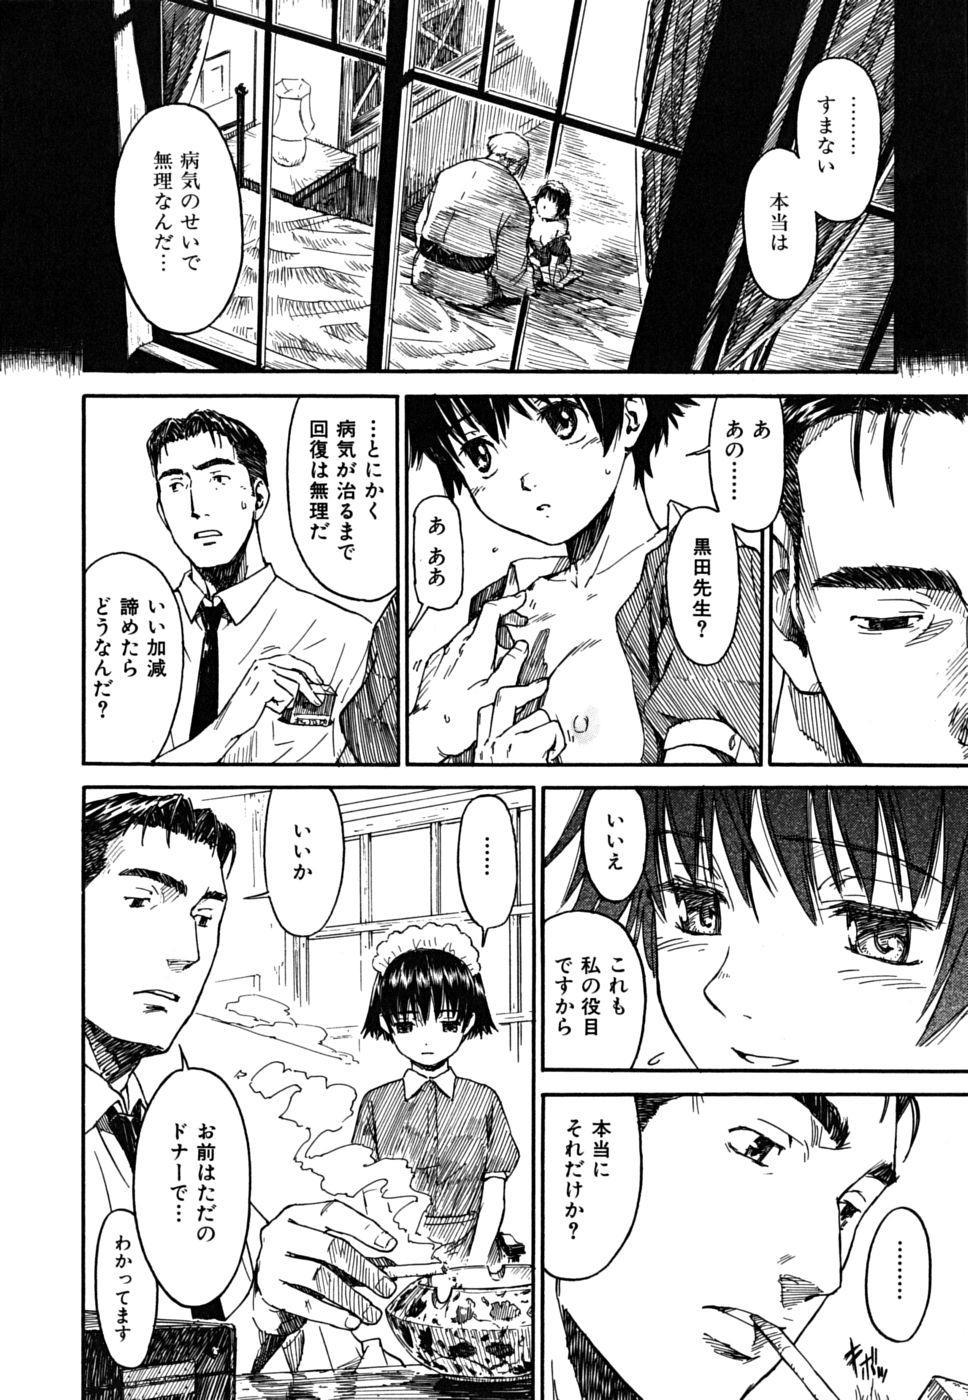 Shoujo Material 67